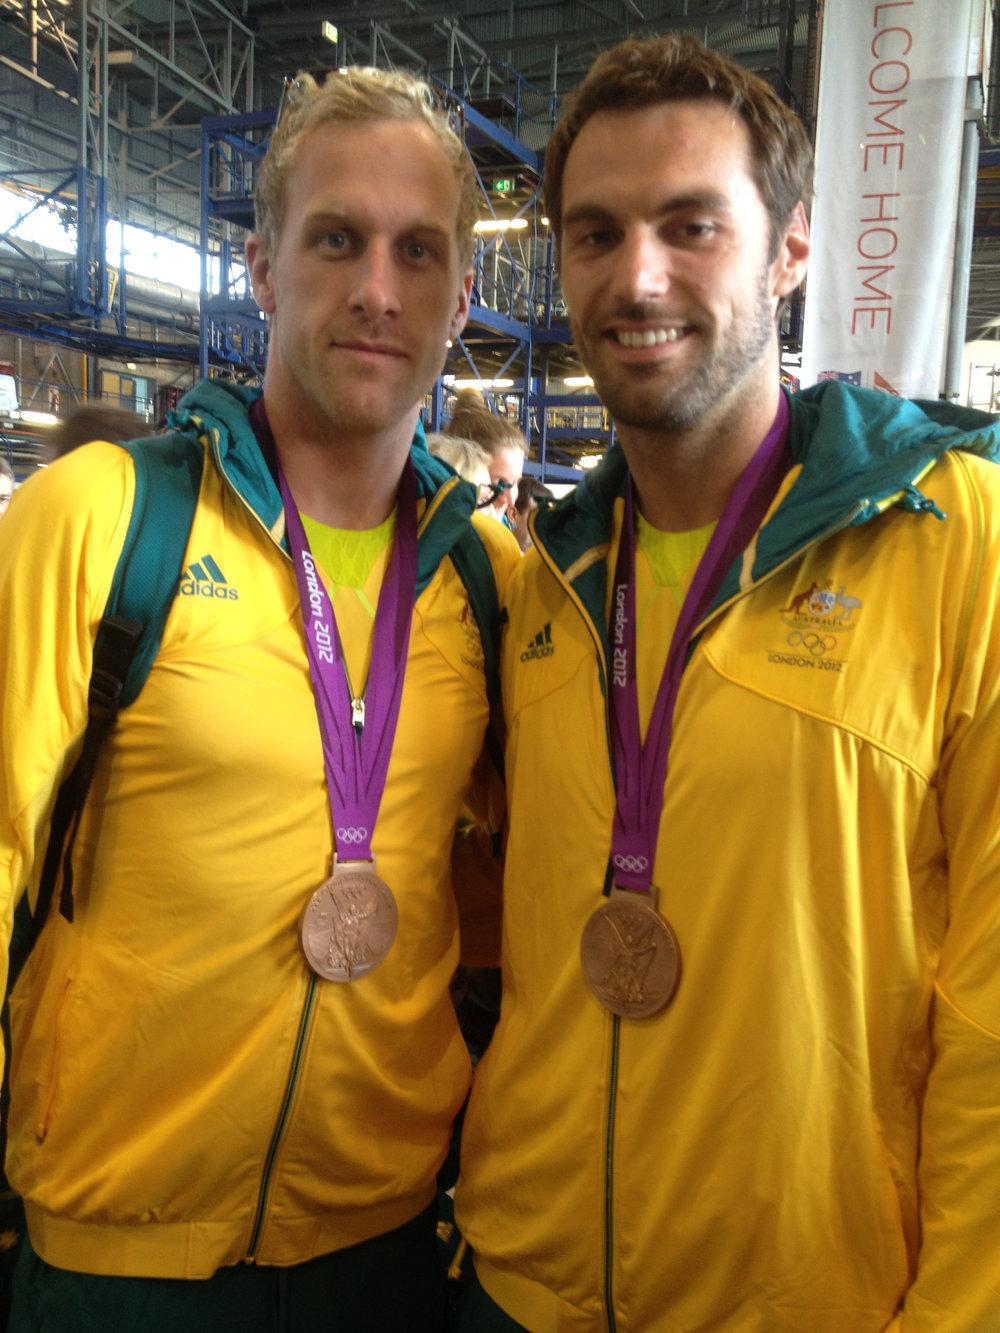 Matt Targett & Hayden Stoeckel - 2012 Olympic Medalists